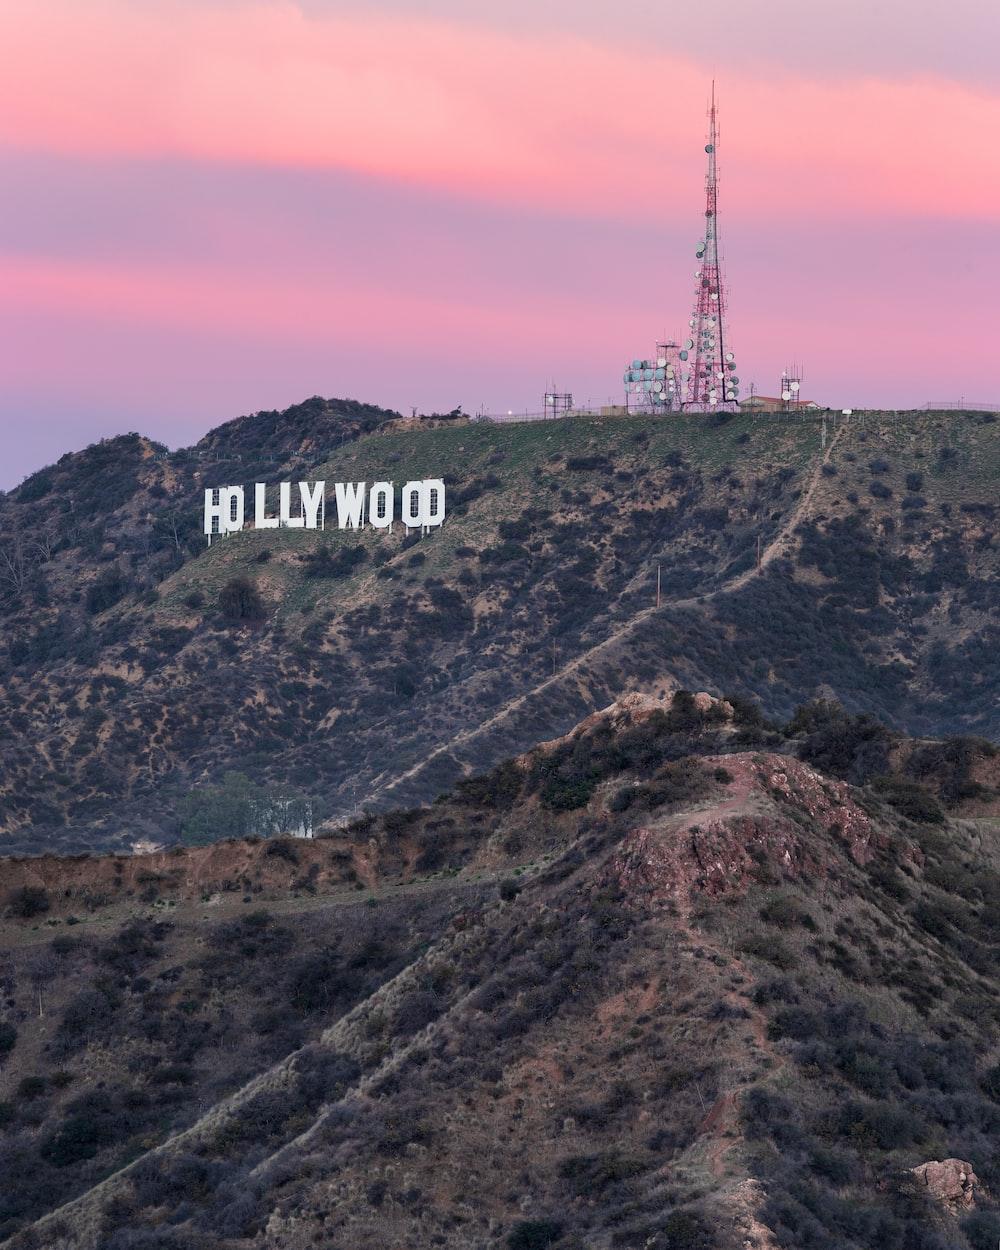 Hollywood signage on mountain